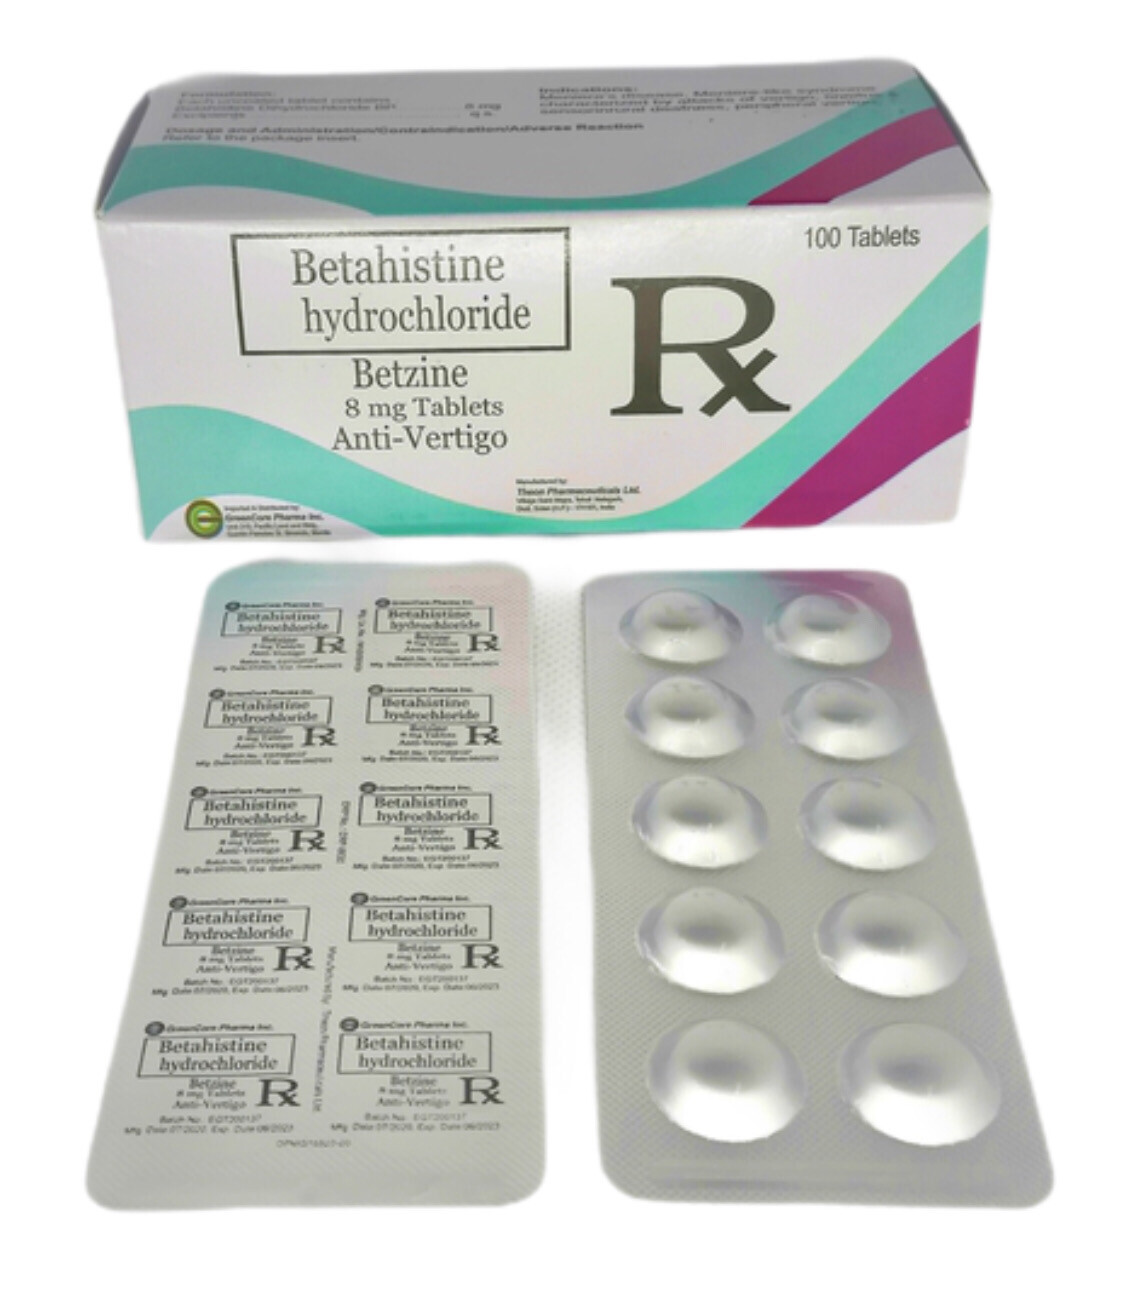 Betahistine 8mg Tablet x 1's